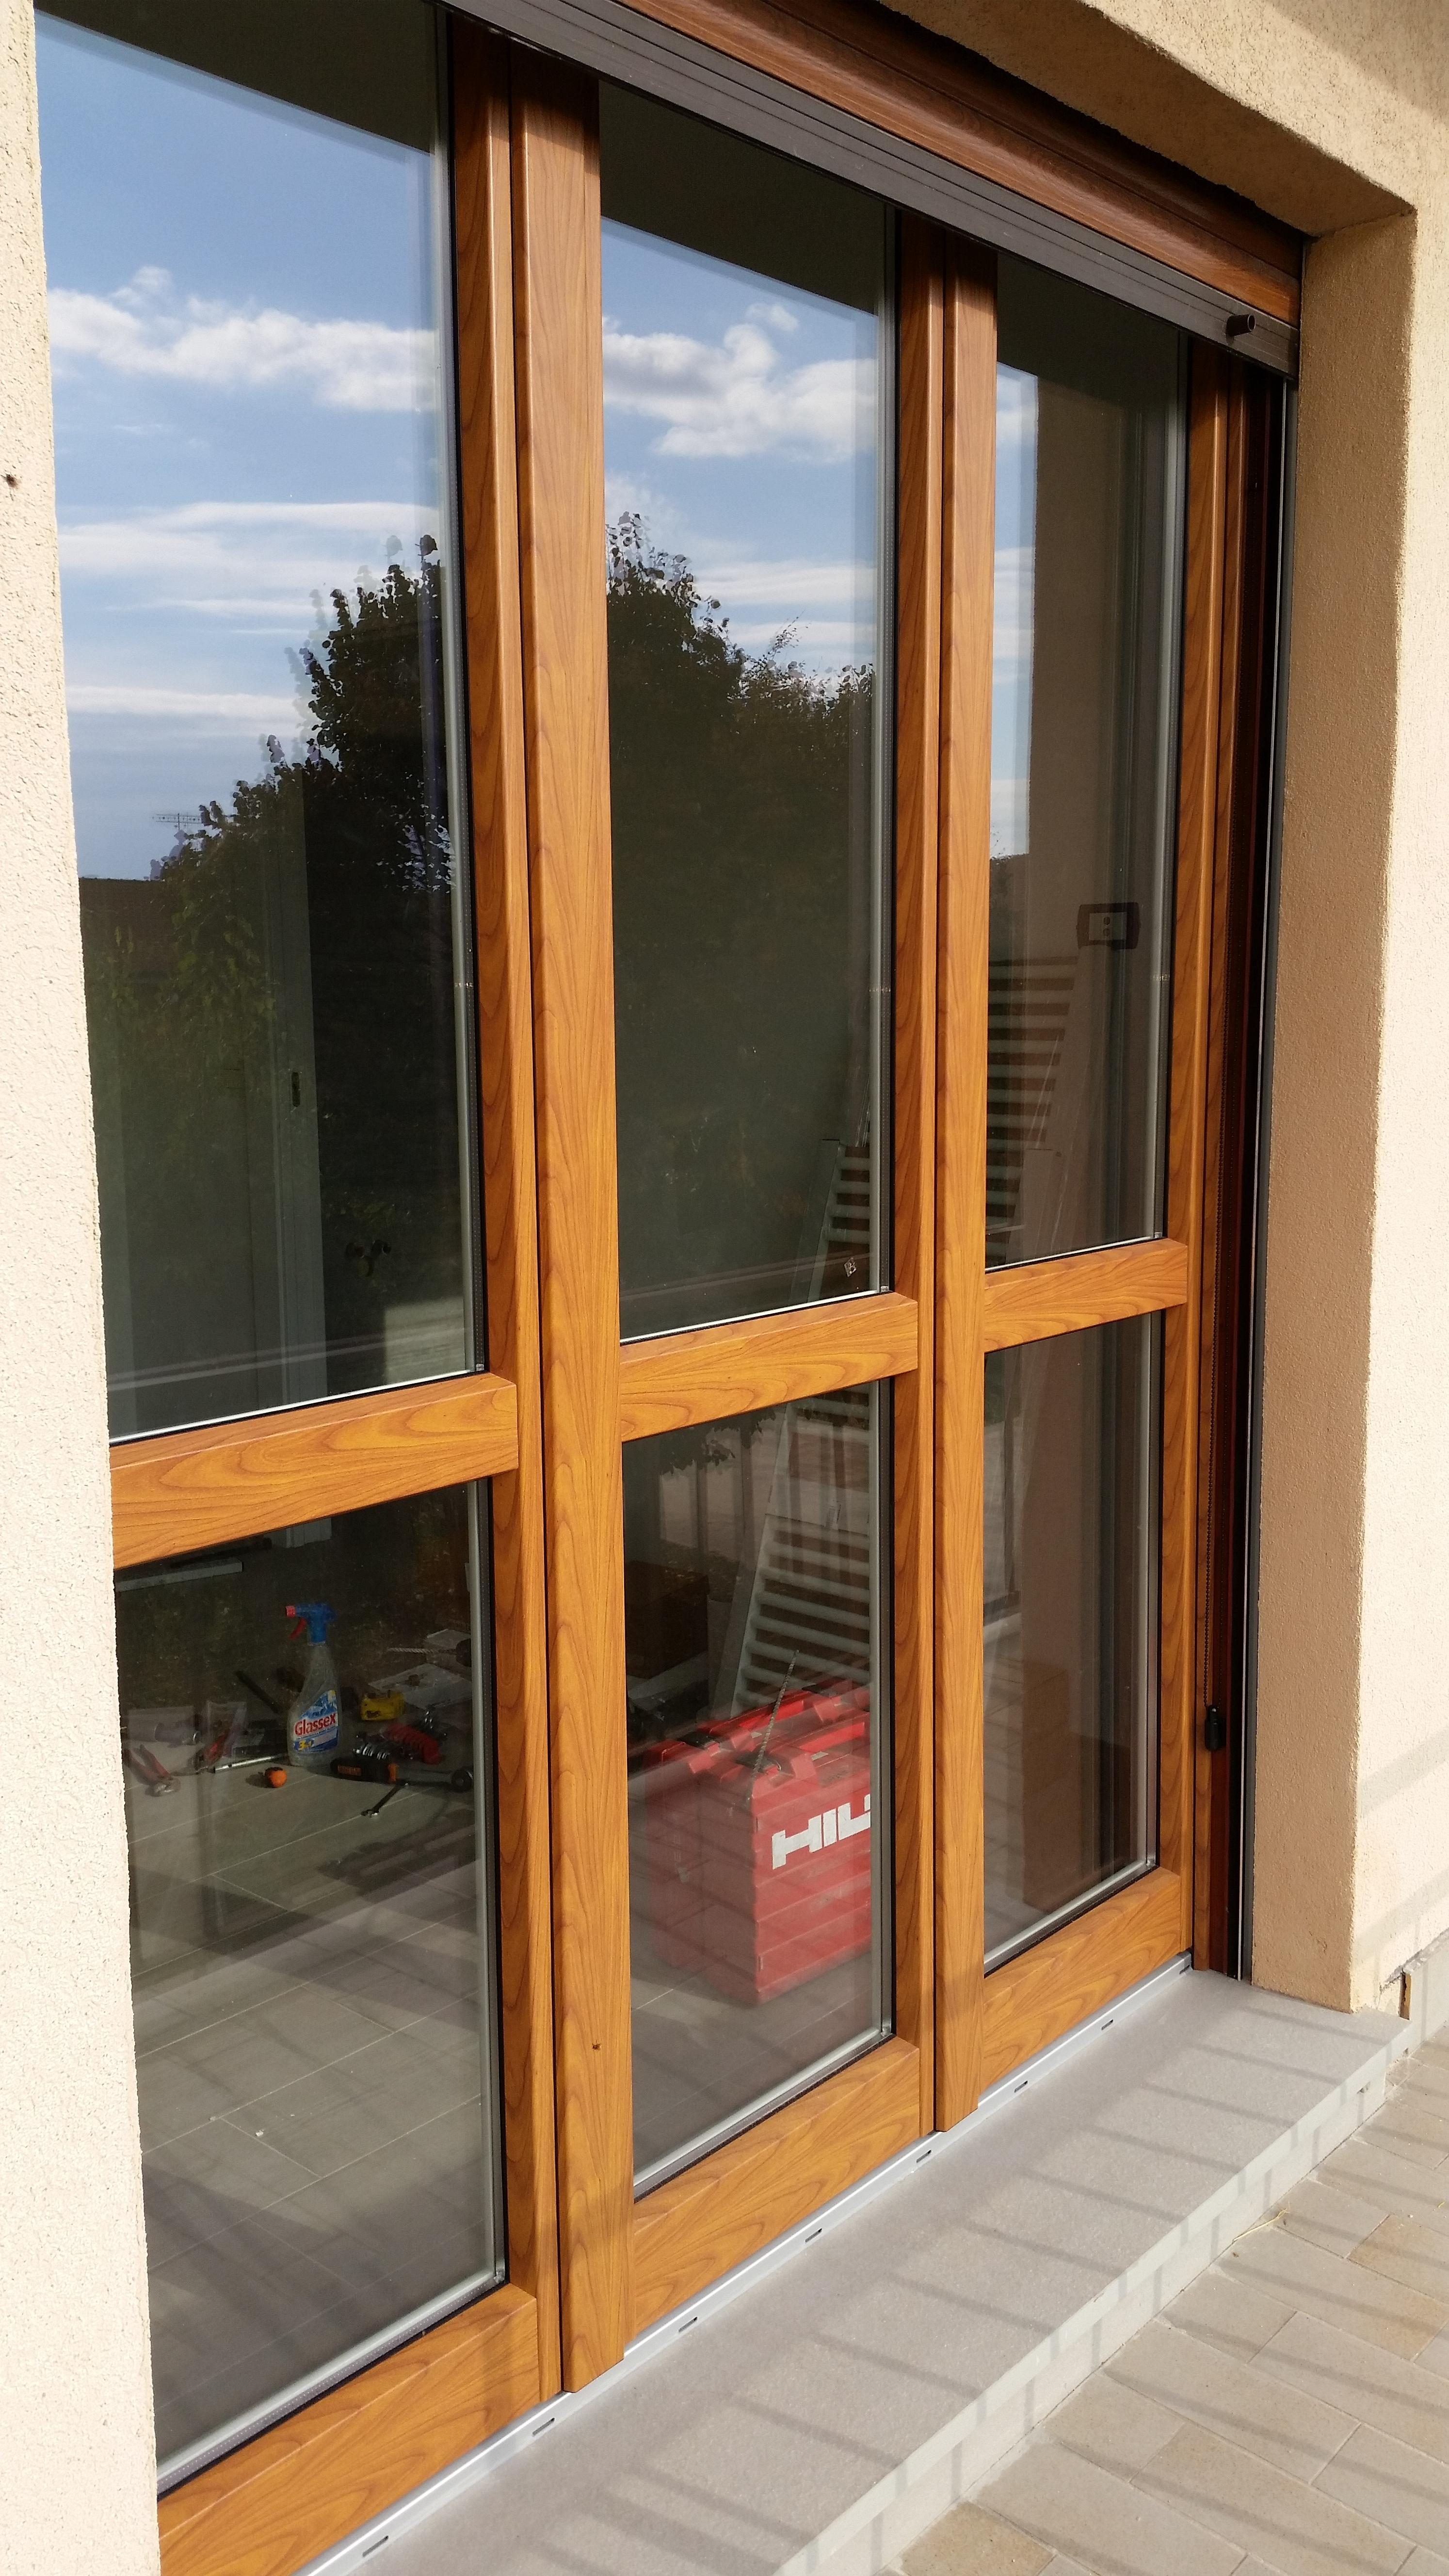 Serramenti legno alluminio fdr design for Serramenti legno